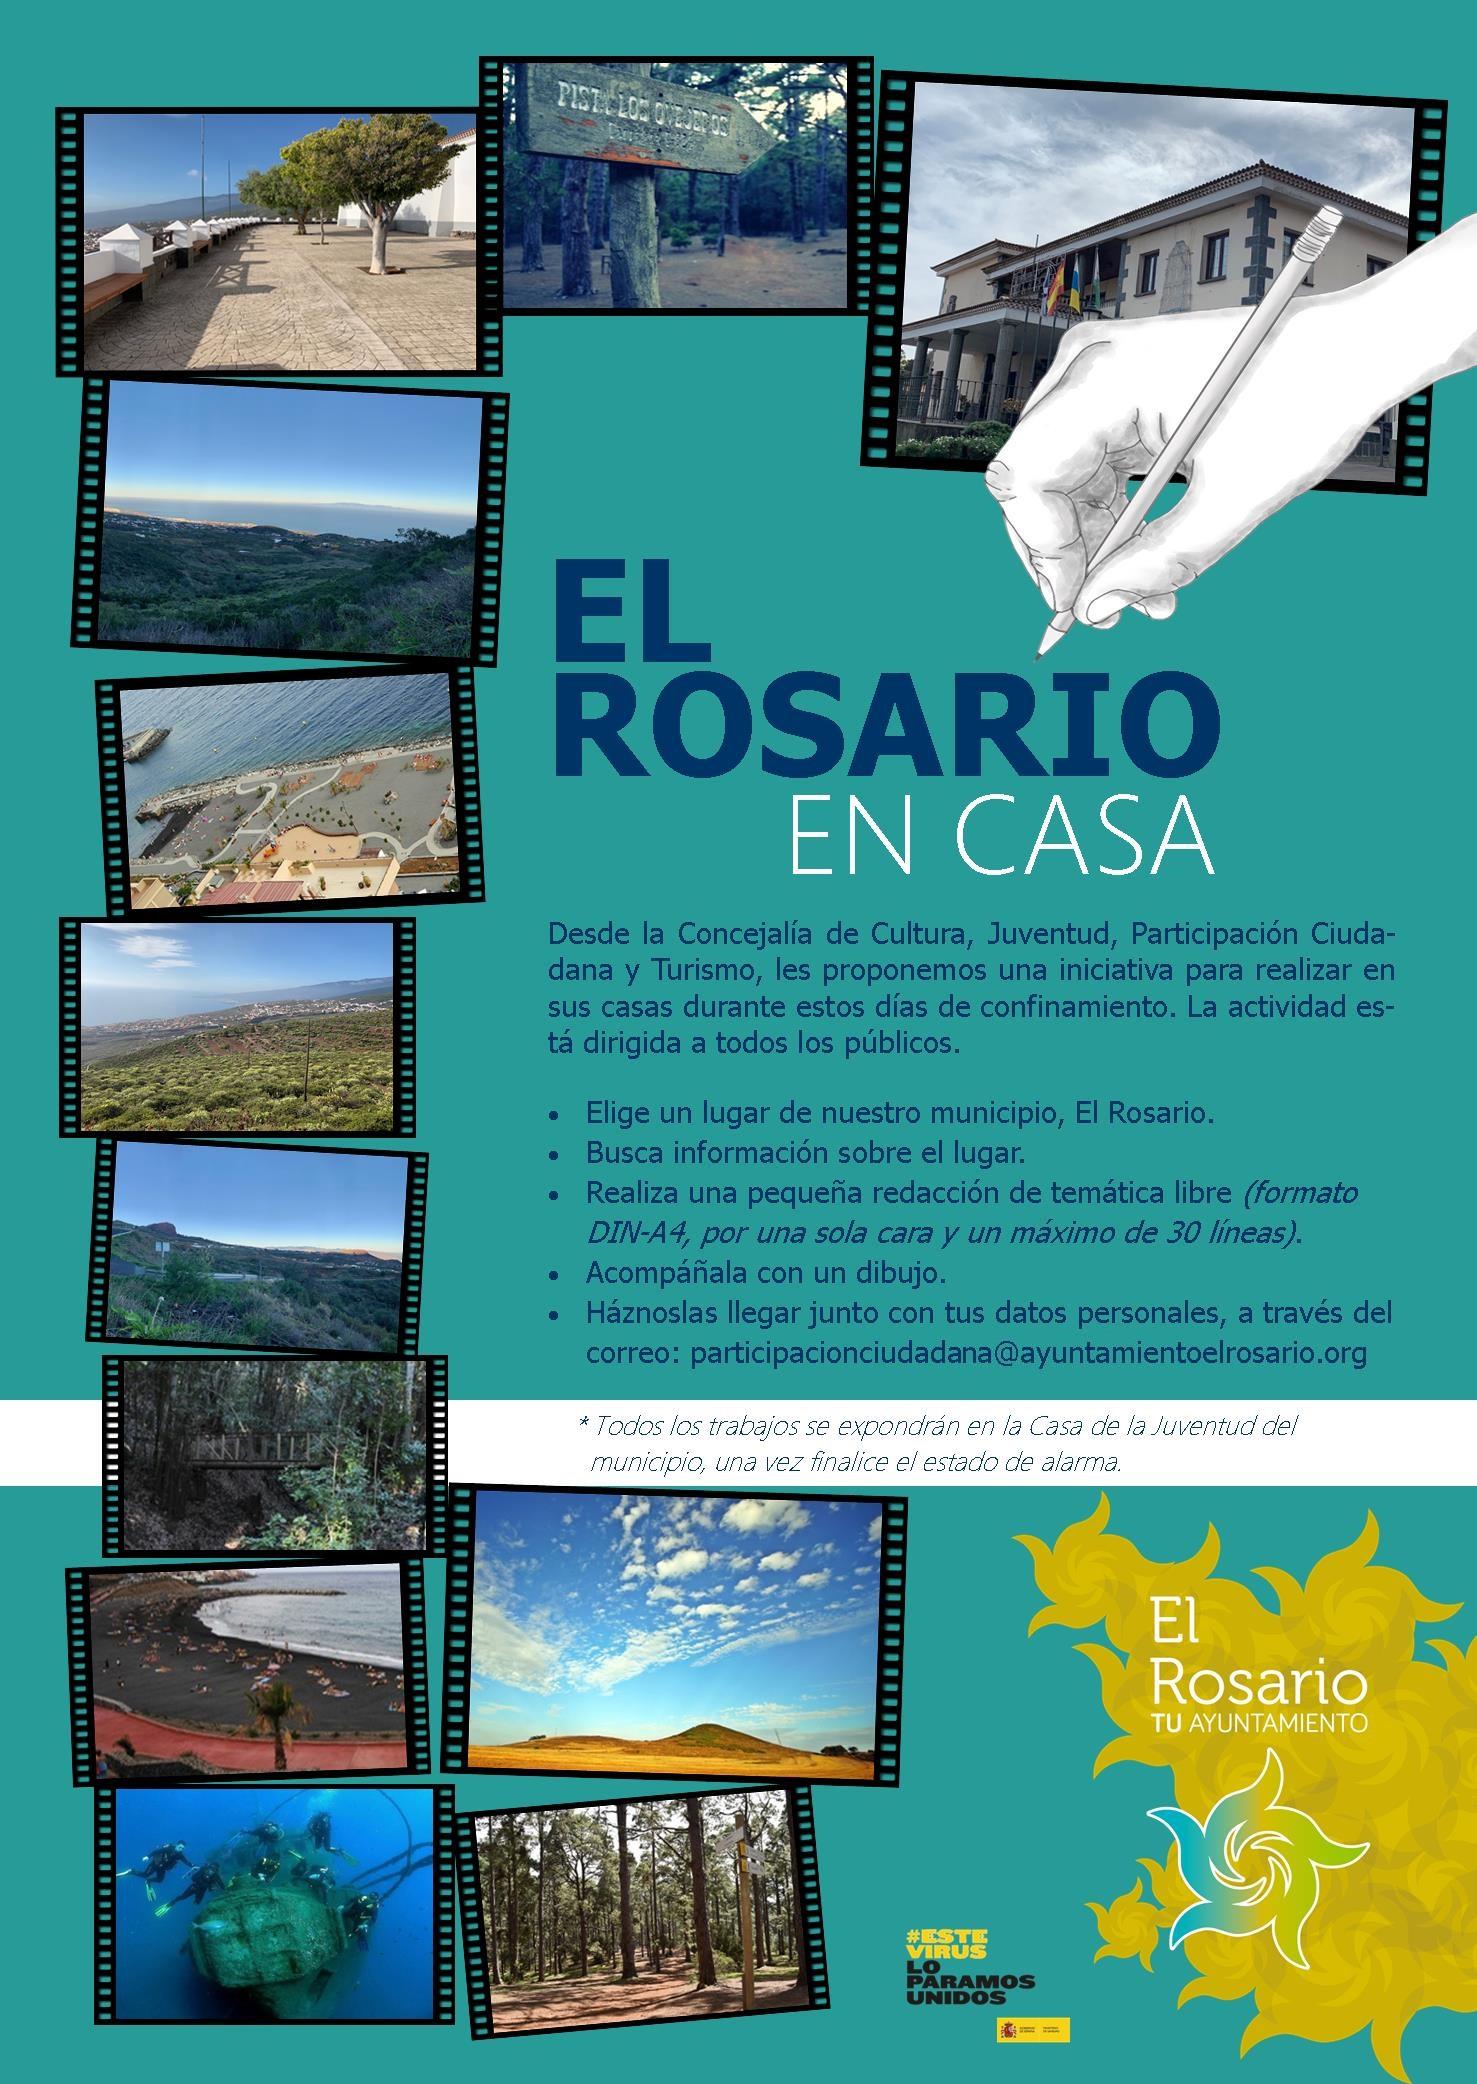 EL ROSARIO EN CASA.-participacionciudana@ayuntamientoelrosario.org